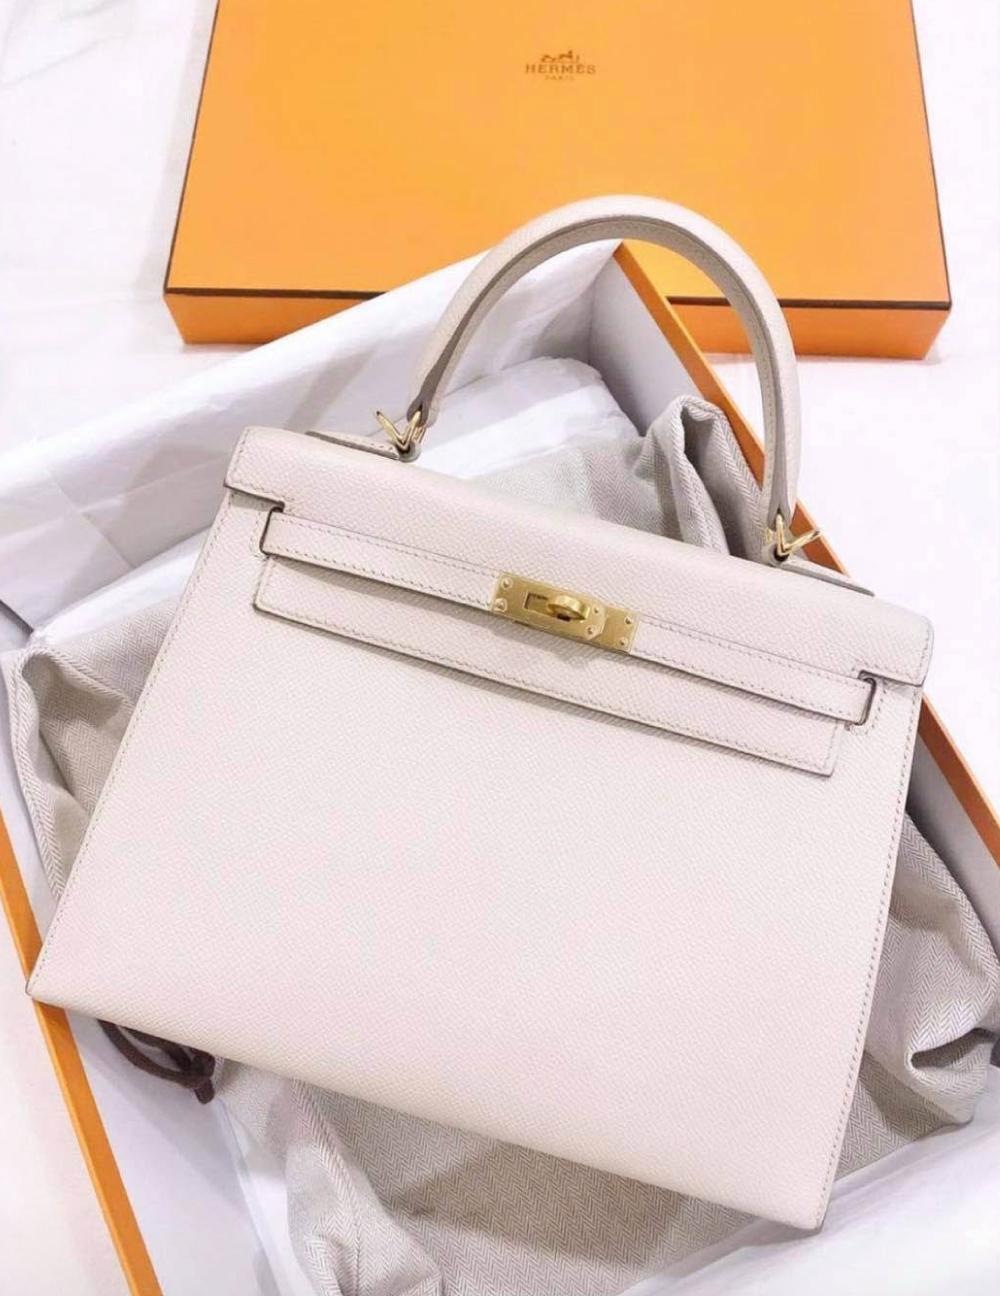 Một trong hai chiếc túi Hermès Birkin của Ninh Dương Lan Ngọc. Ảnh: Instagram @ninh.duong.lan.ngoc.